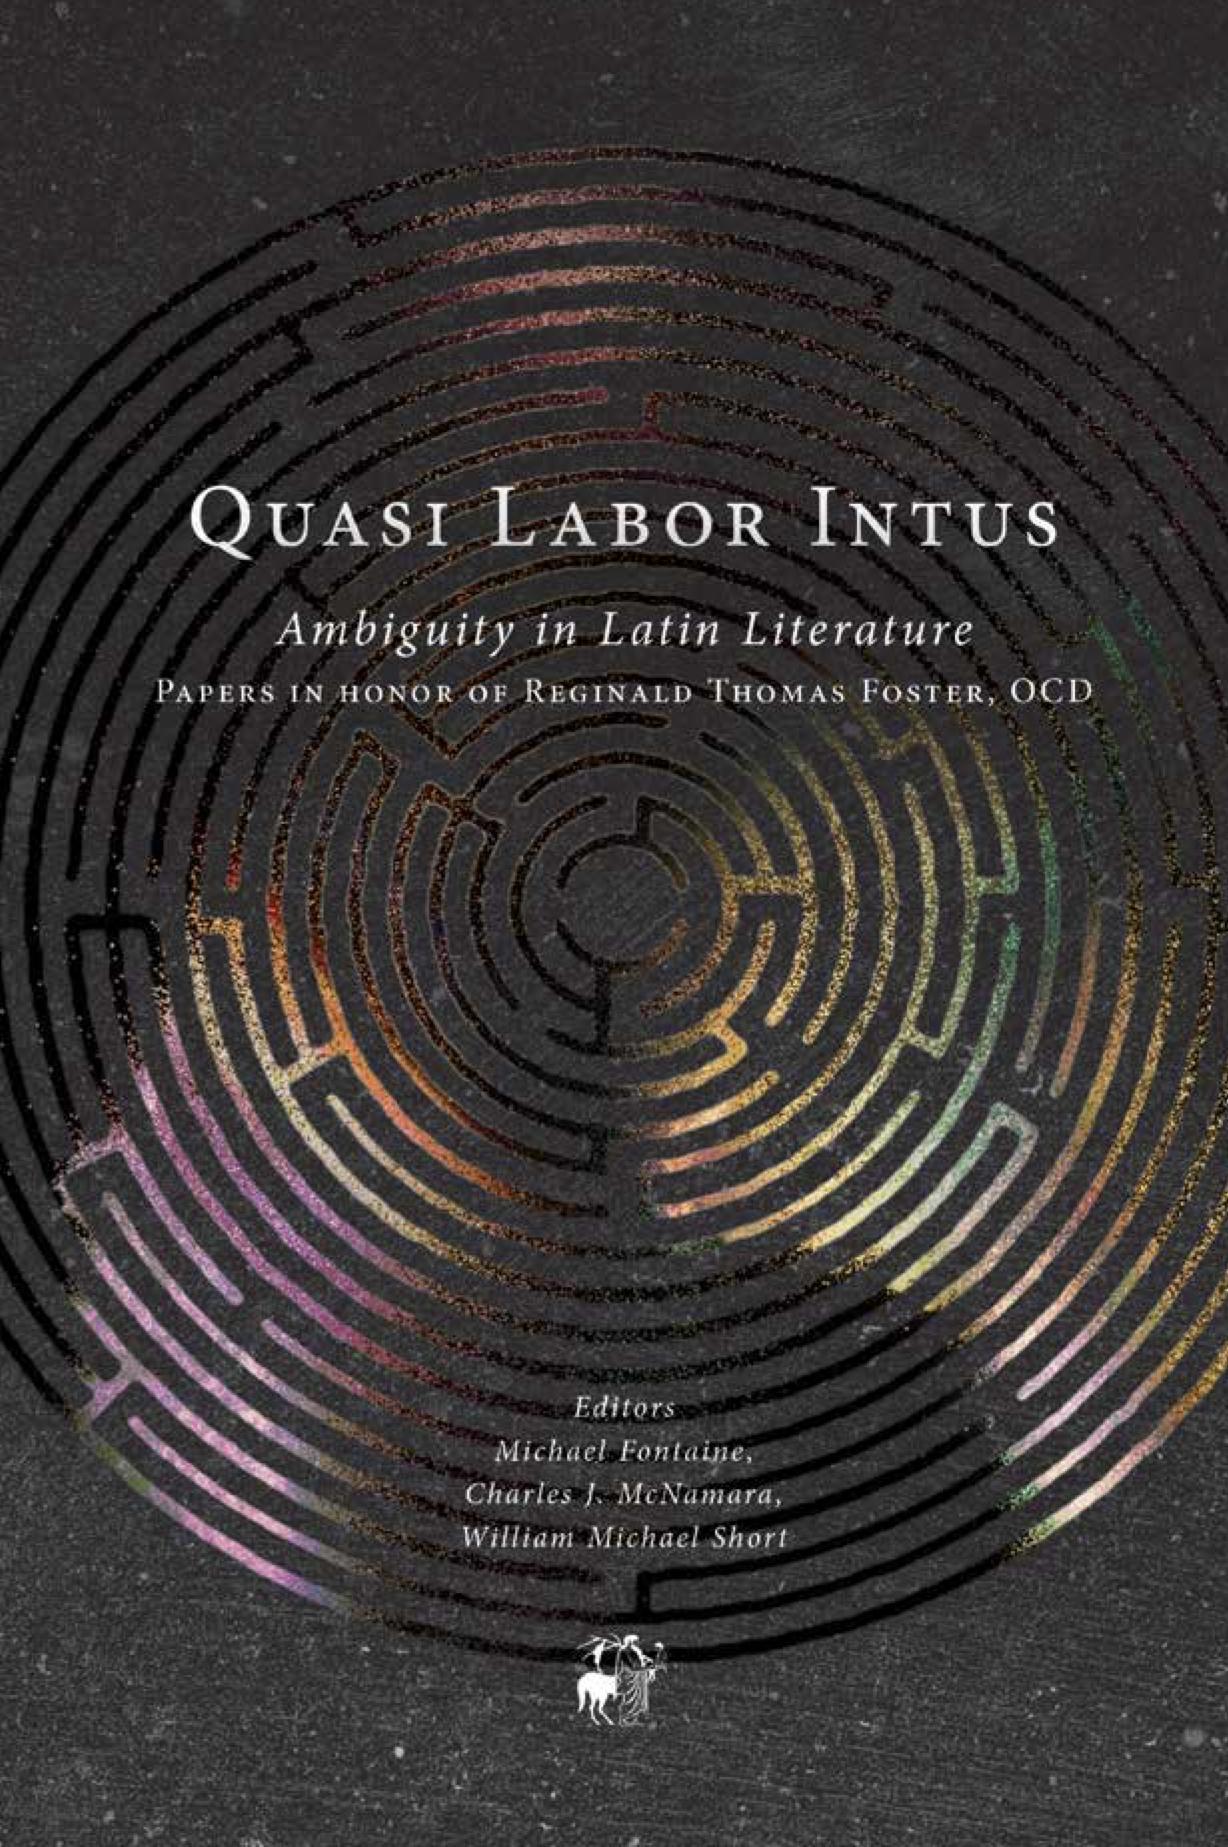 Quasi Labor Intus: Ambiguity in Latin Literature